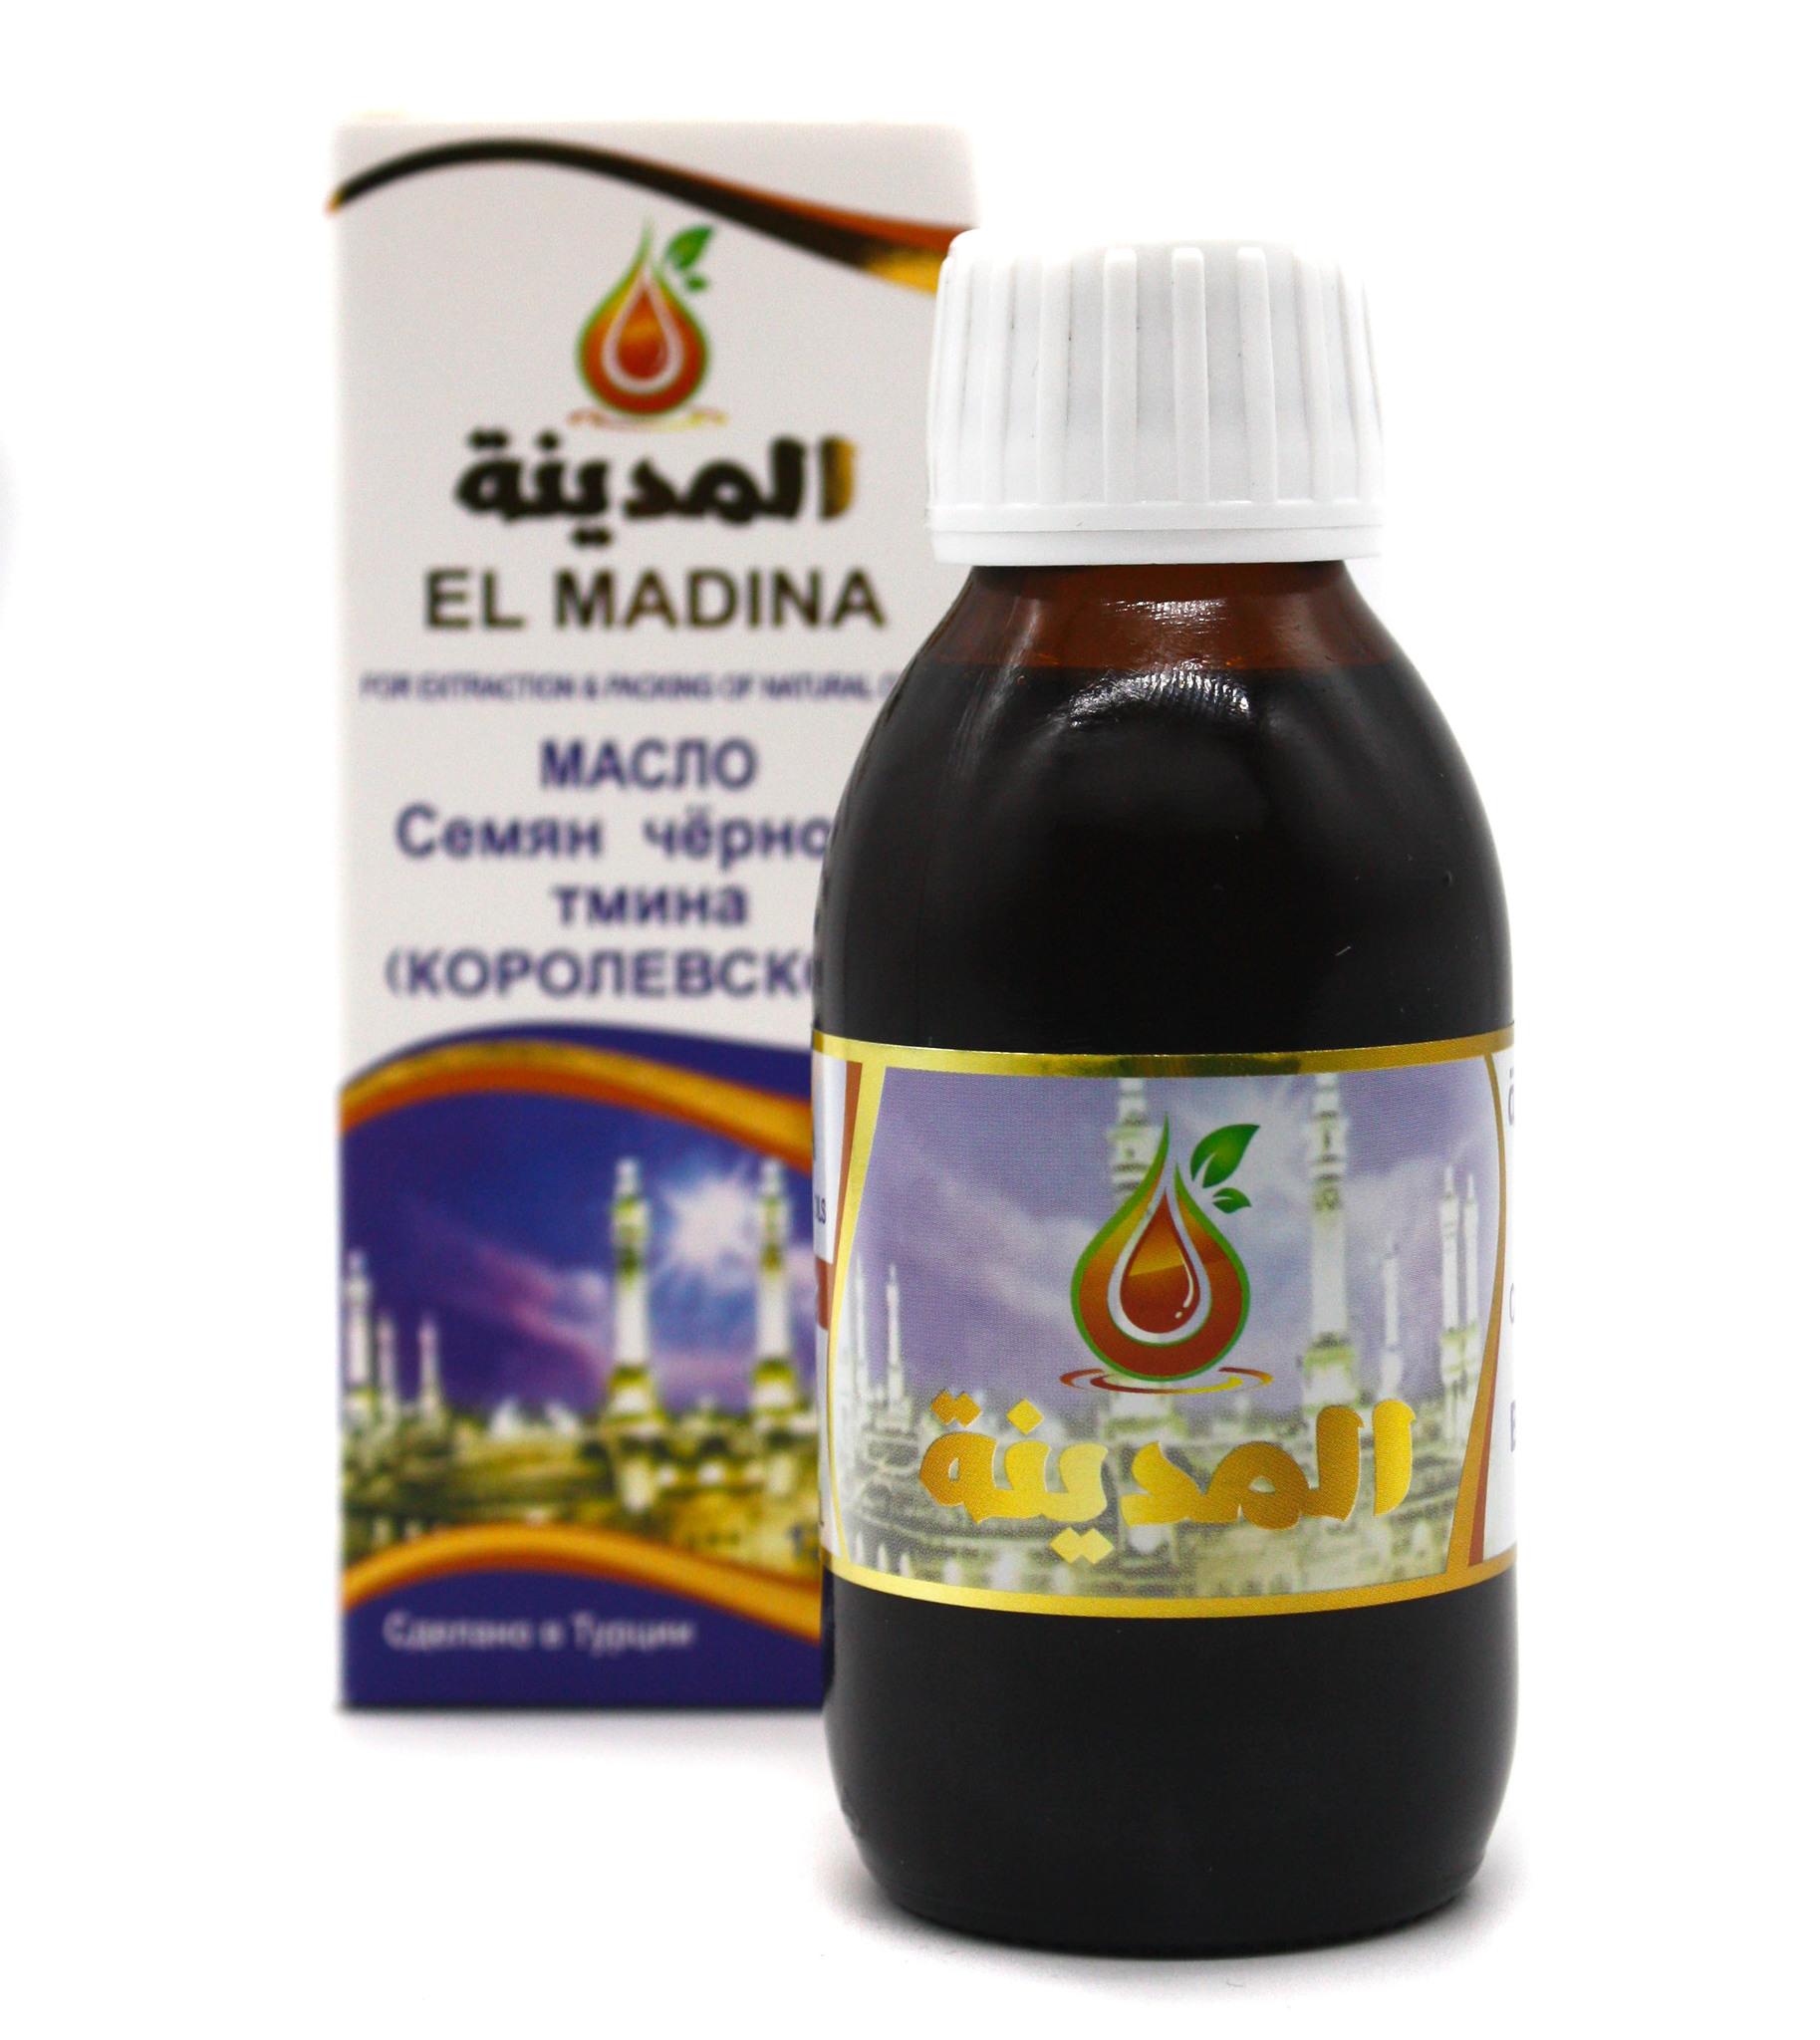 Масло Масло семян черного тмина Королевское El Madina, 125 мл import_files_53_5349bc88eefb11e8a9a1484d7ecee297_bd33077ffe9d11e8a9a1484d7ecee297.jpg